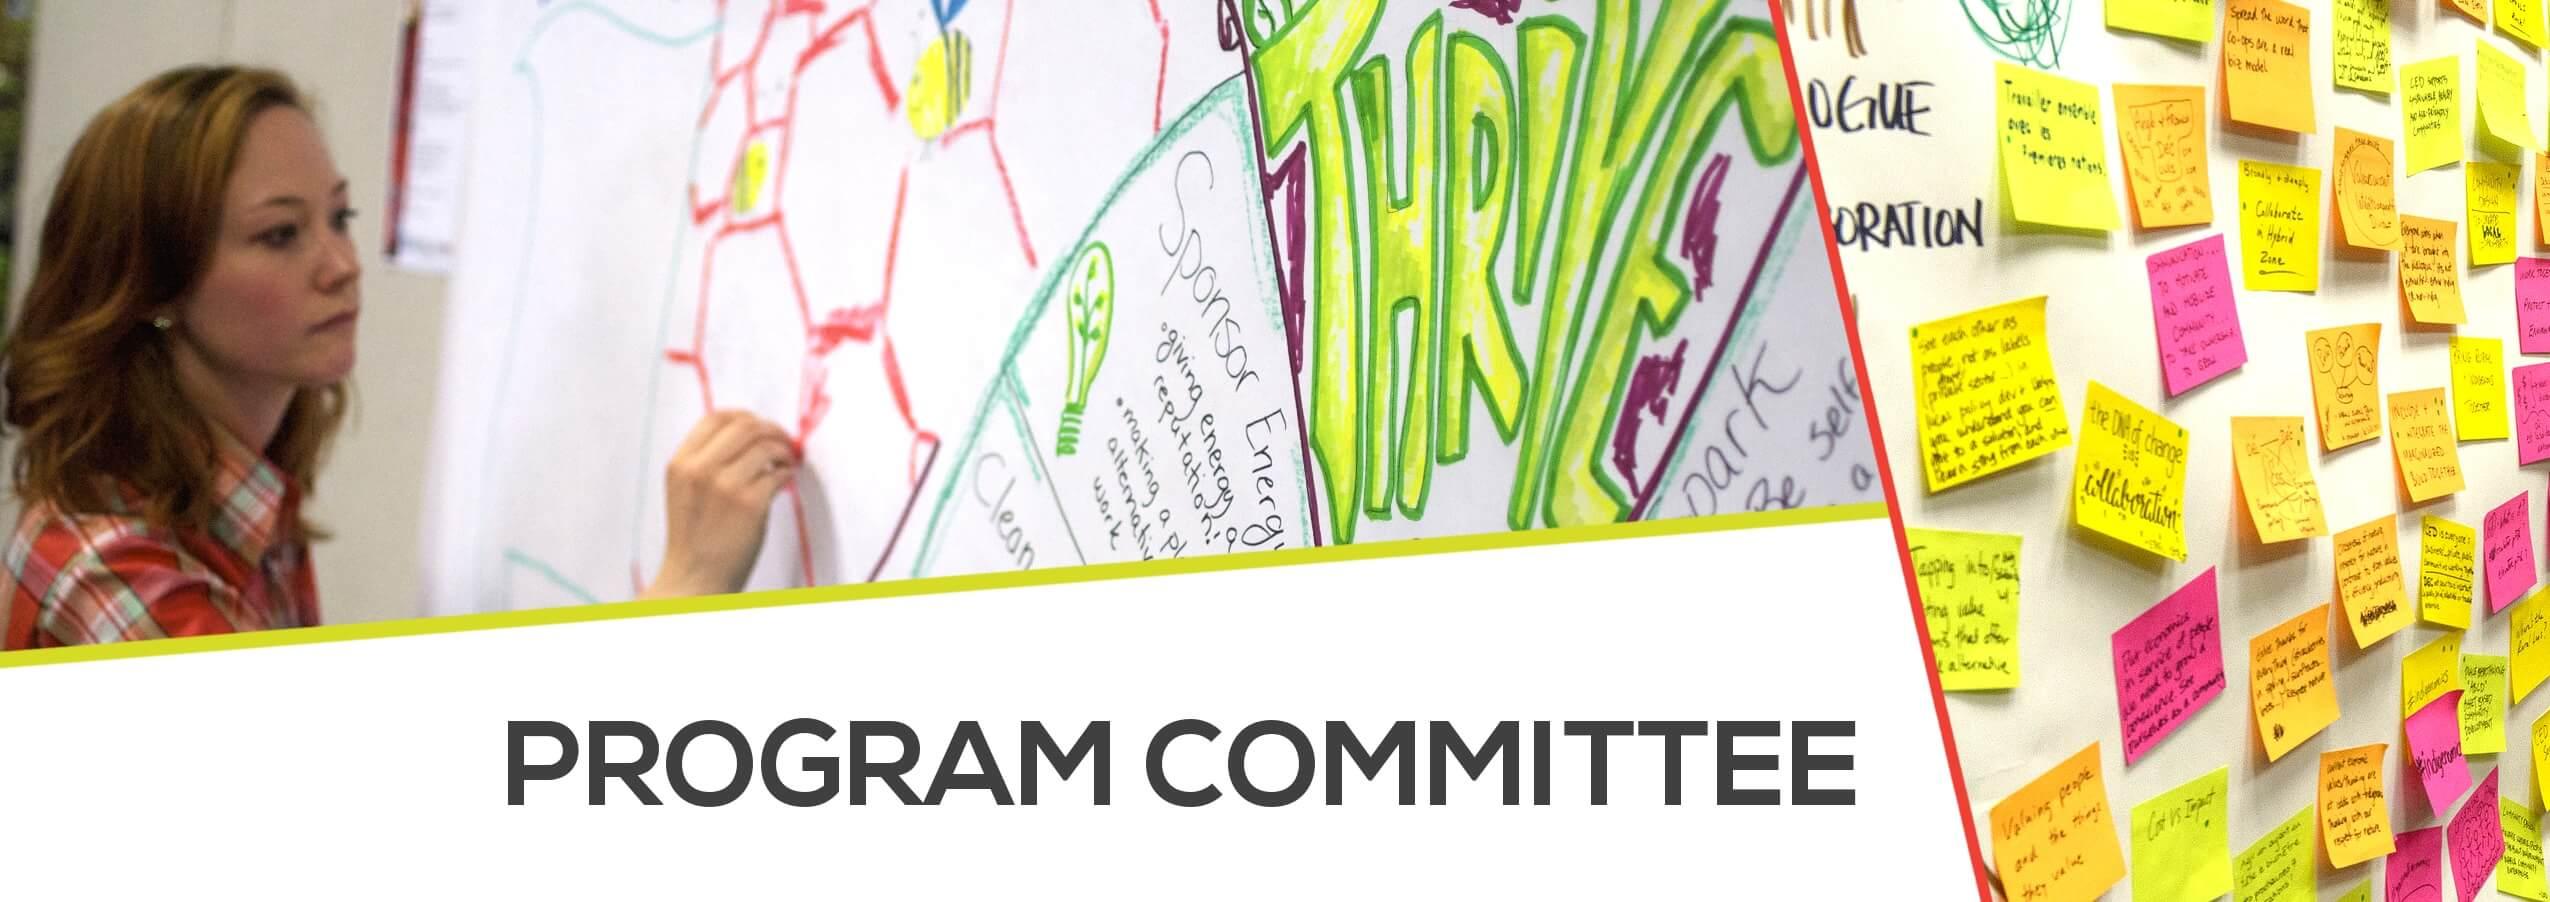 EconoUs - PROGRAM COMMITTEE